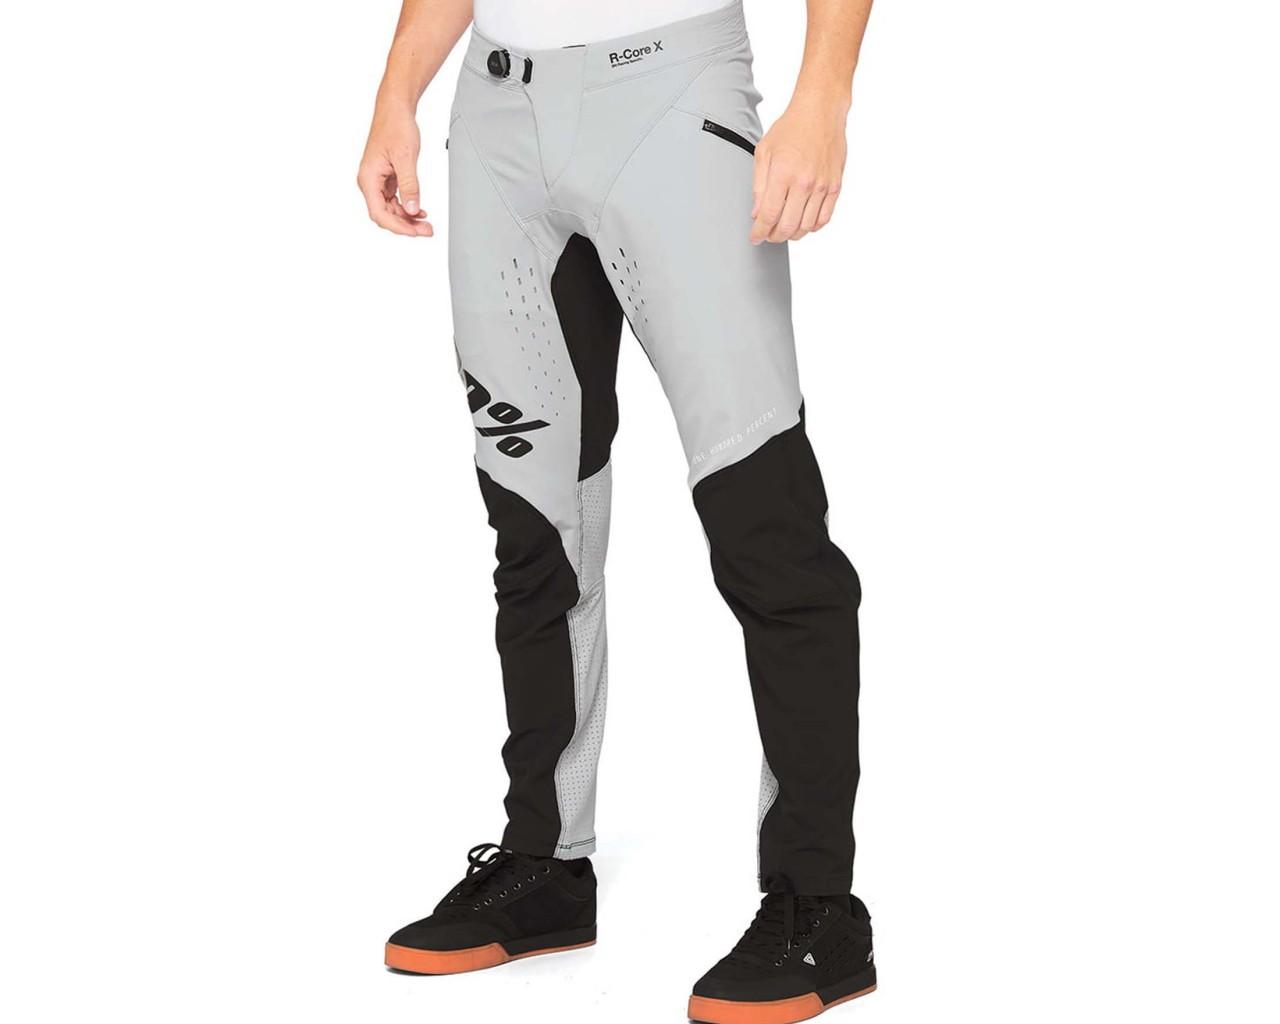 100% R-Core X Pants | Vapor